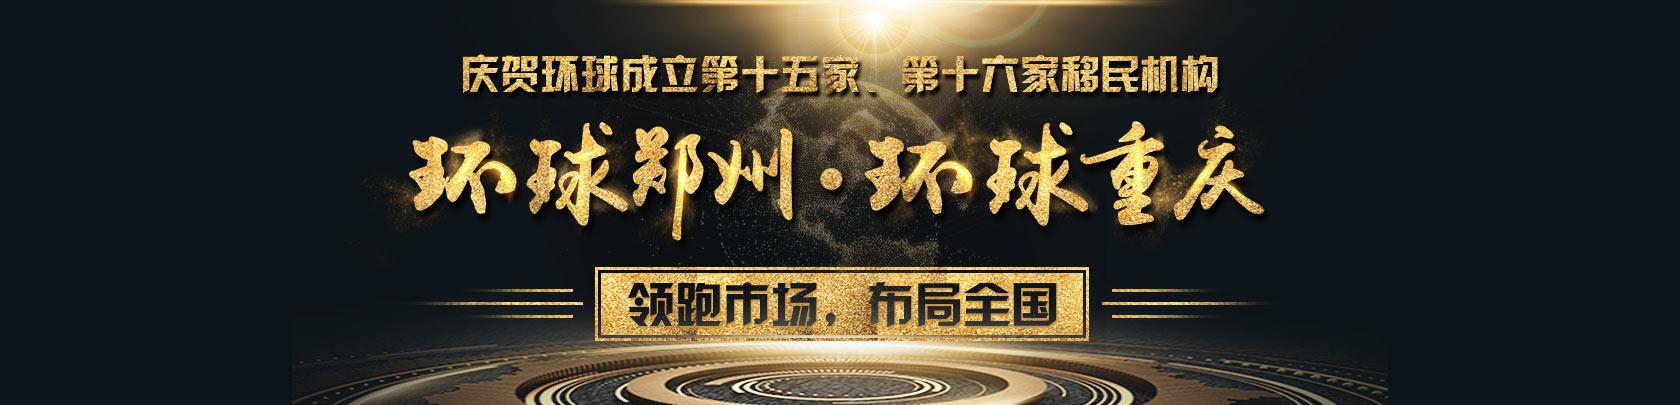 庆贺环球成立郑州、重庆移民机构